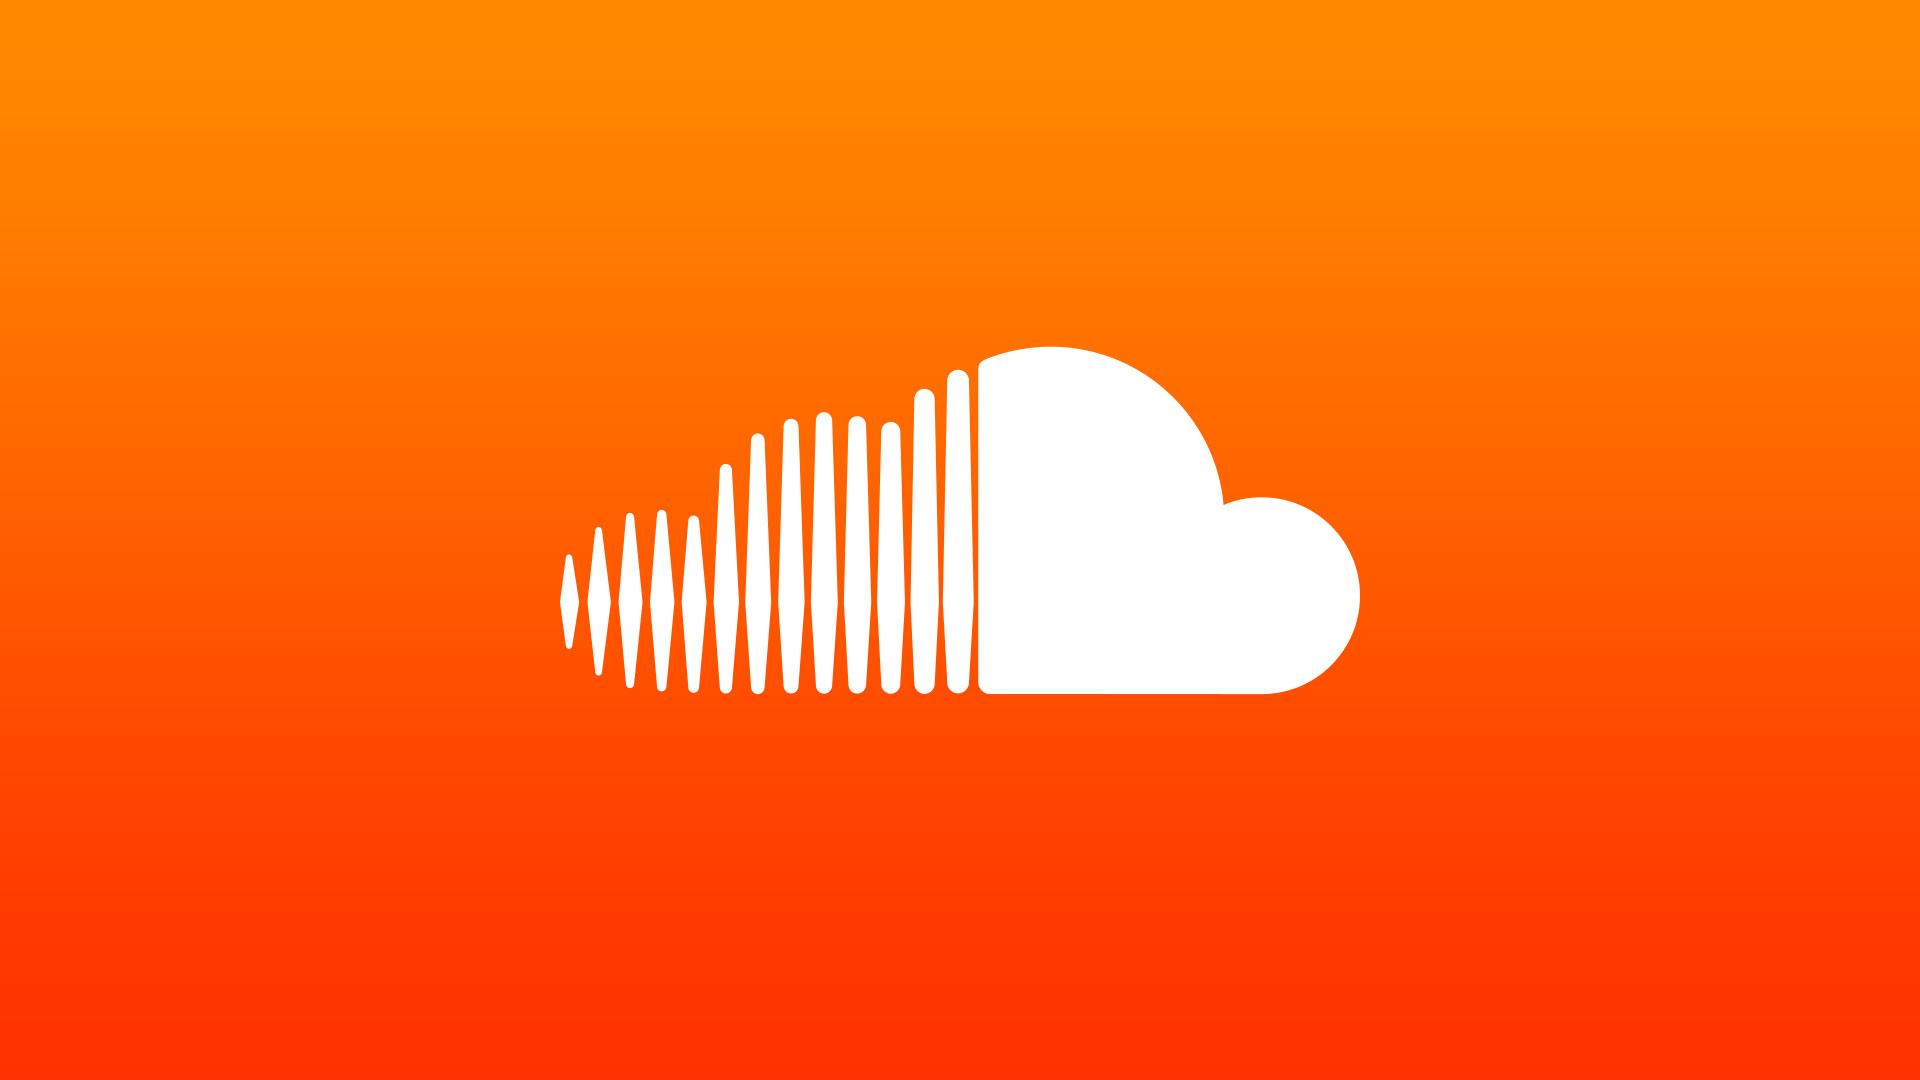 Soundcloud Logo HD Wallpaper 66510 1920x1080px 1920x1080